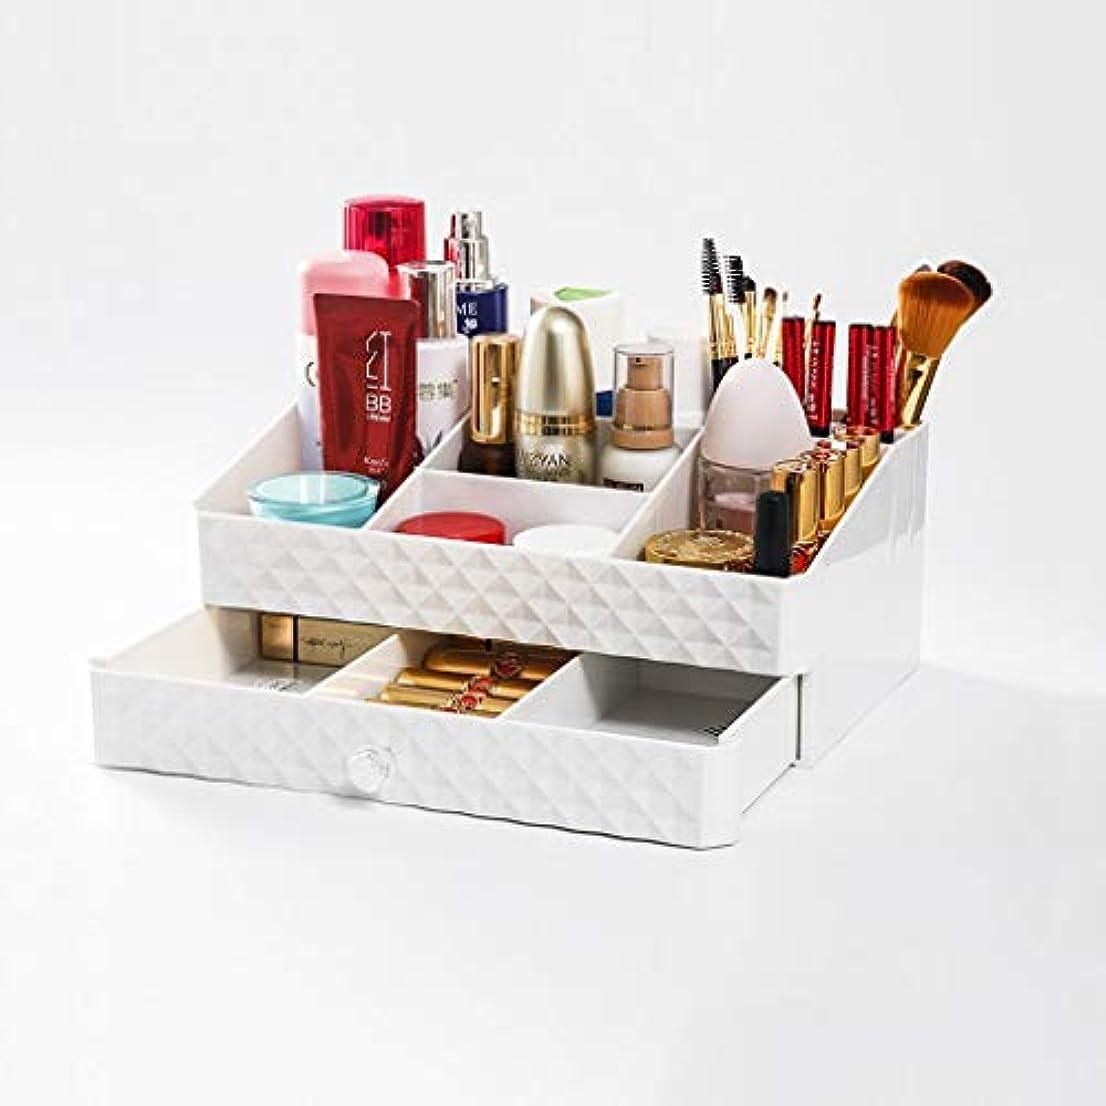 スプーンぼかす盆地化粧品収納ボックスプラスチック引き出しタイプデスクトップスキンケア製品仕上げボックス口紅香水ジュエリー収納ボックス